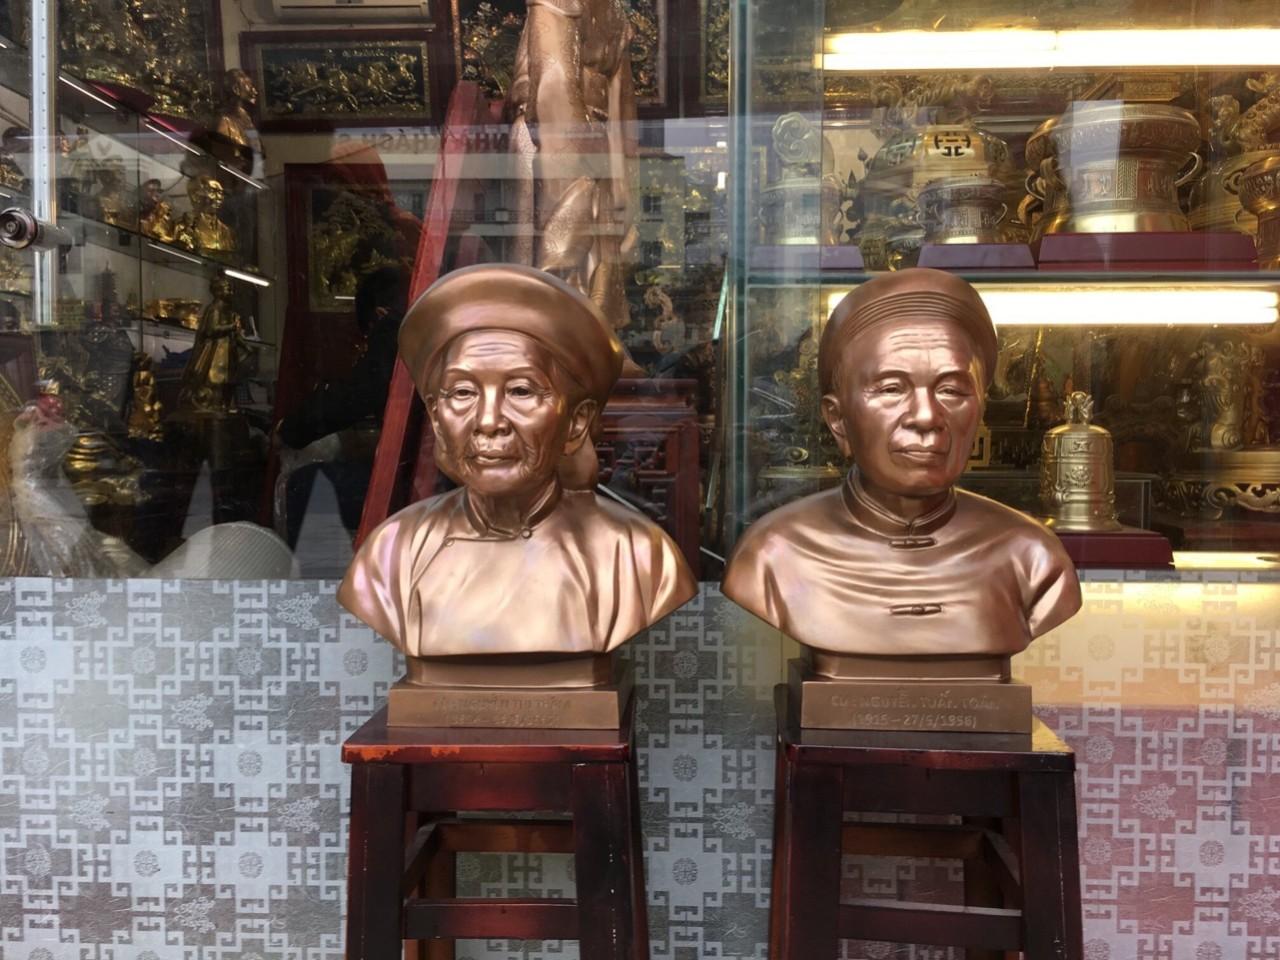 Đúc tượng bán thân bằng đồng đỏ theo yêu cầu, báo giá đúc tượng đồng truyền thần